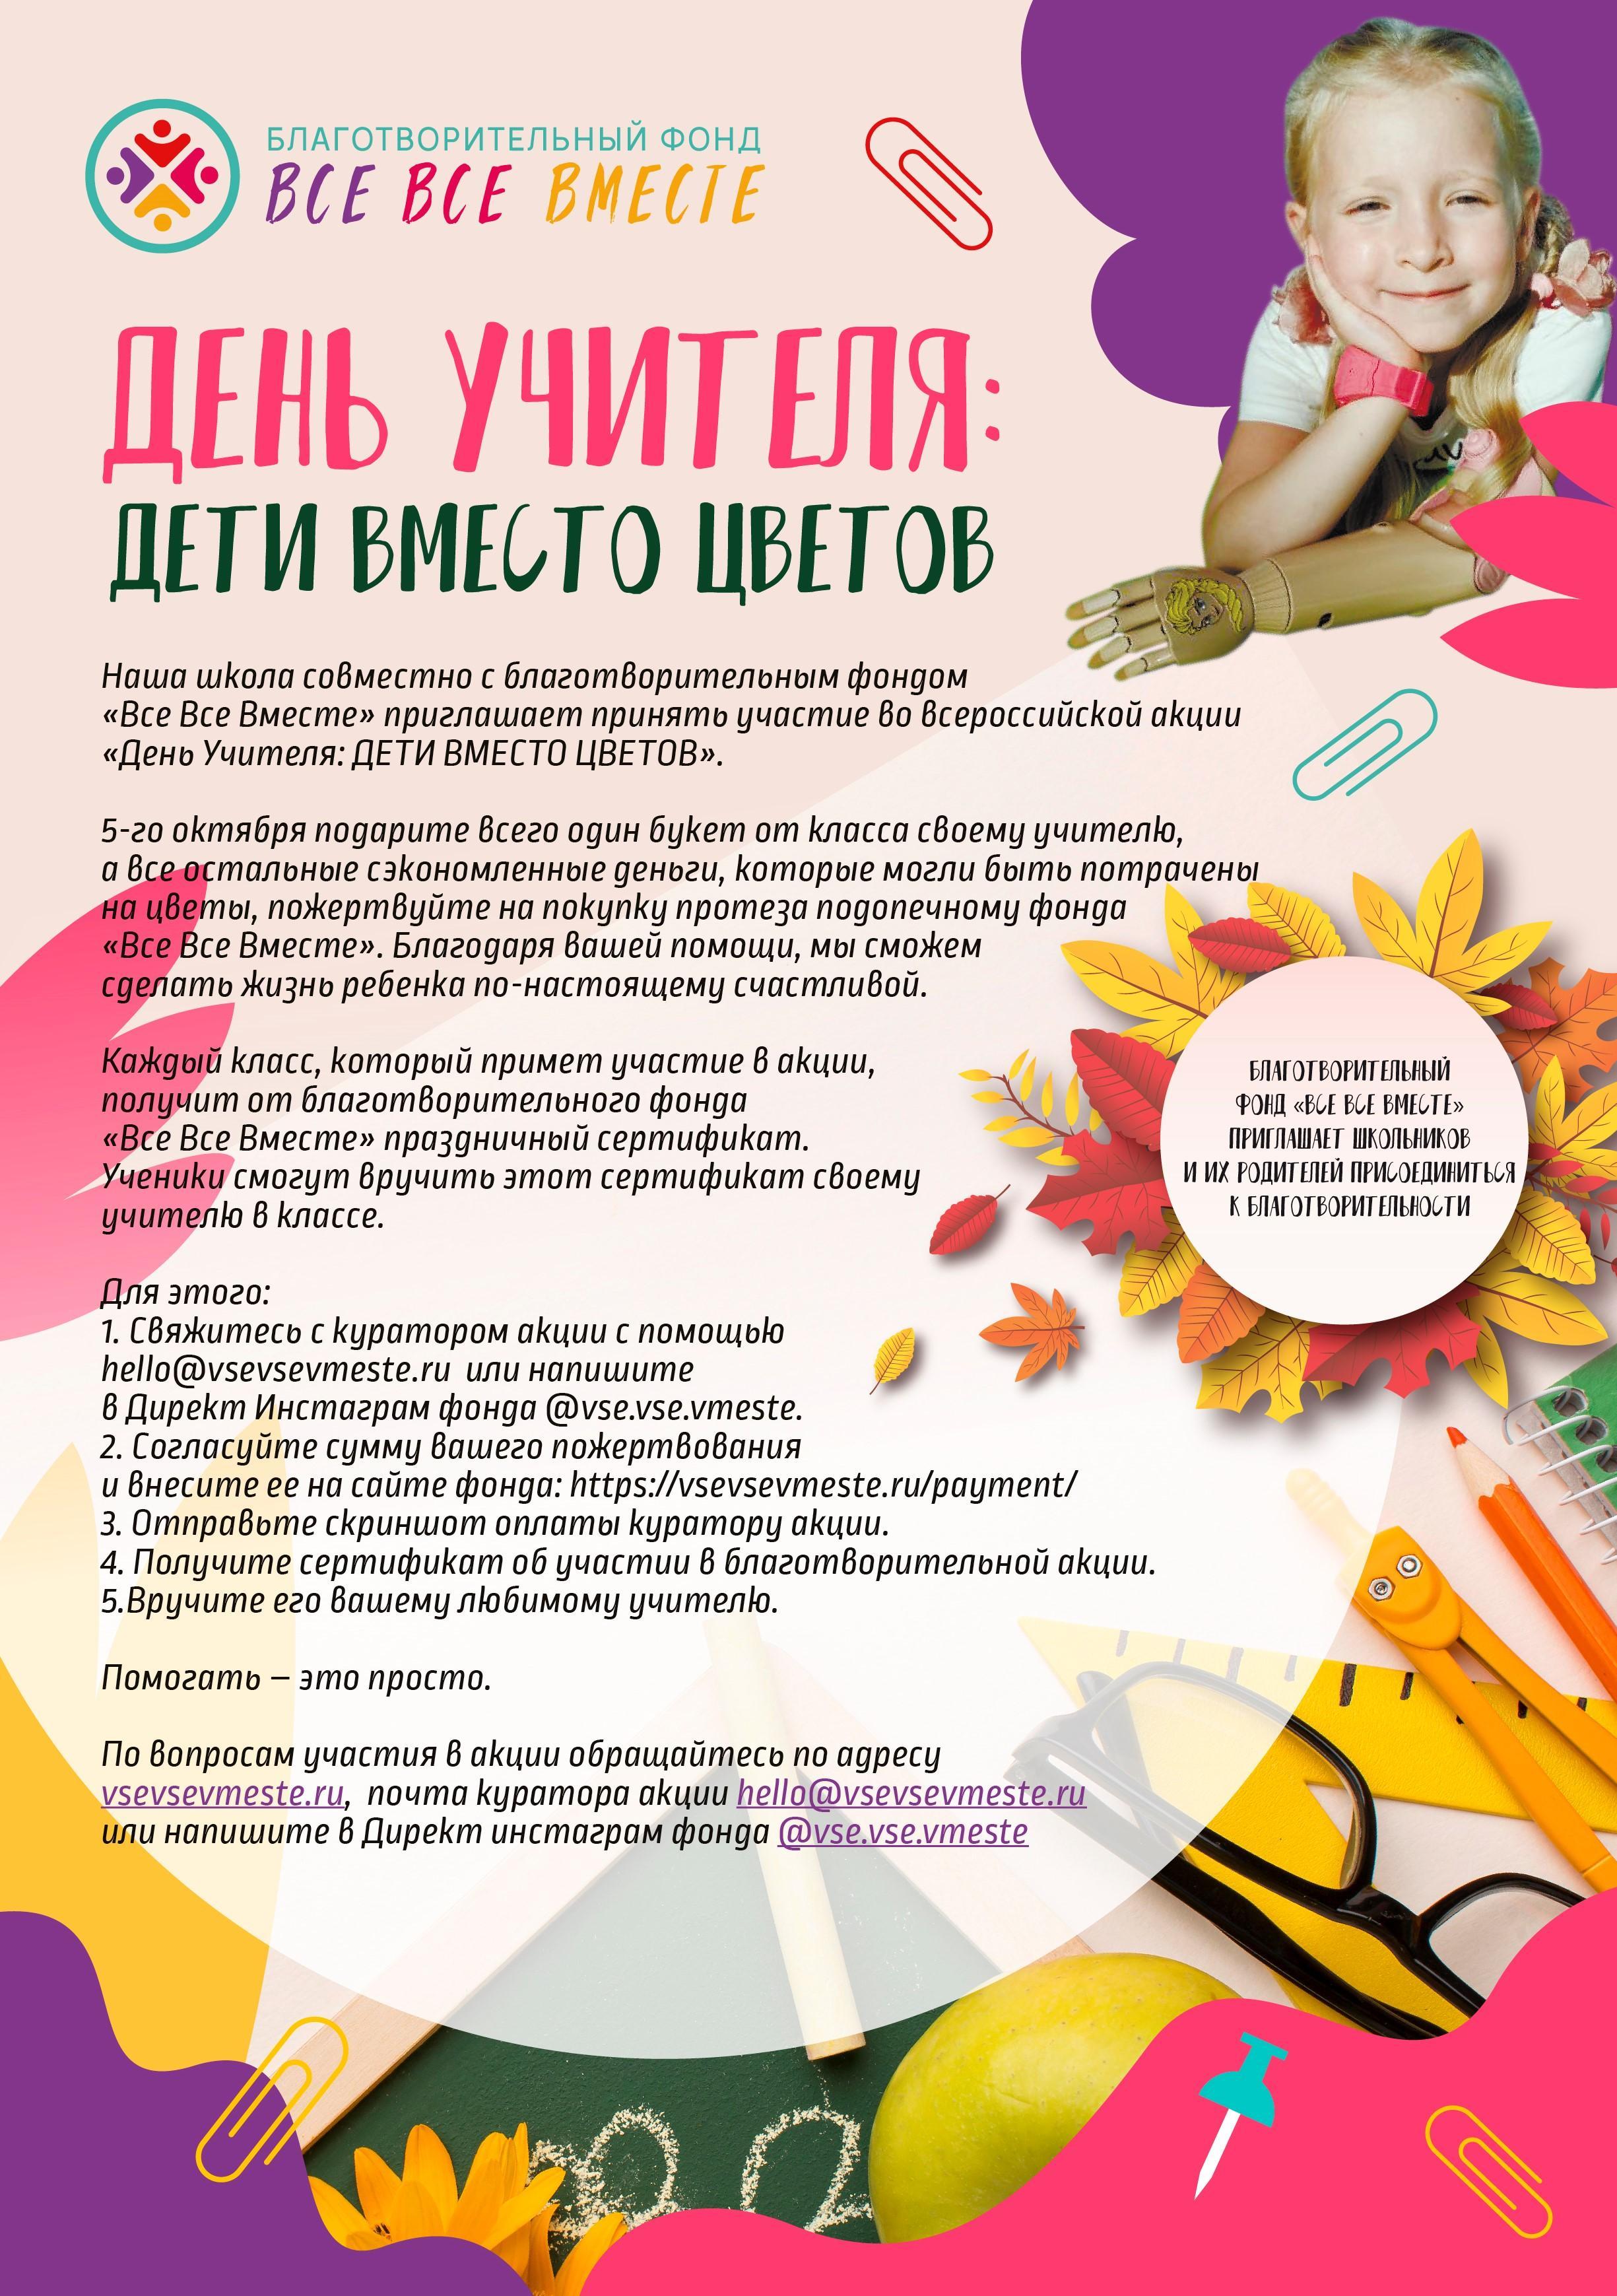 инструкция акции день учителя дети вместо цветов